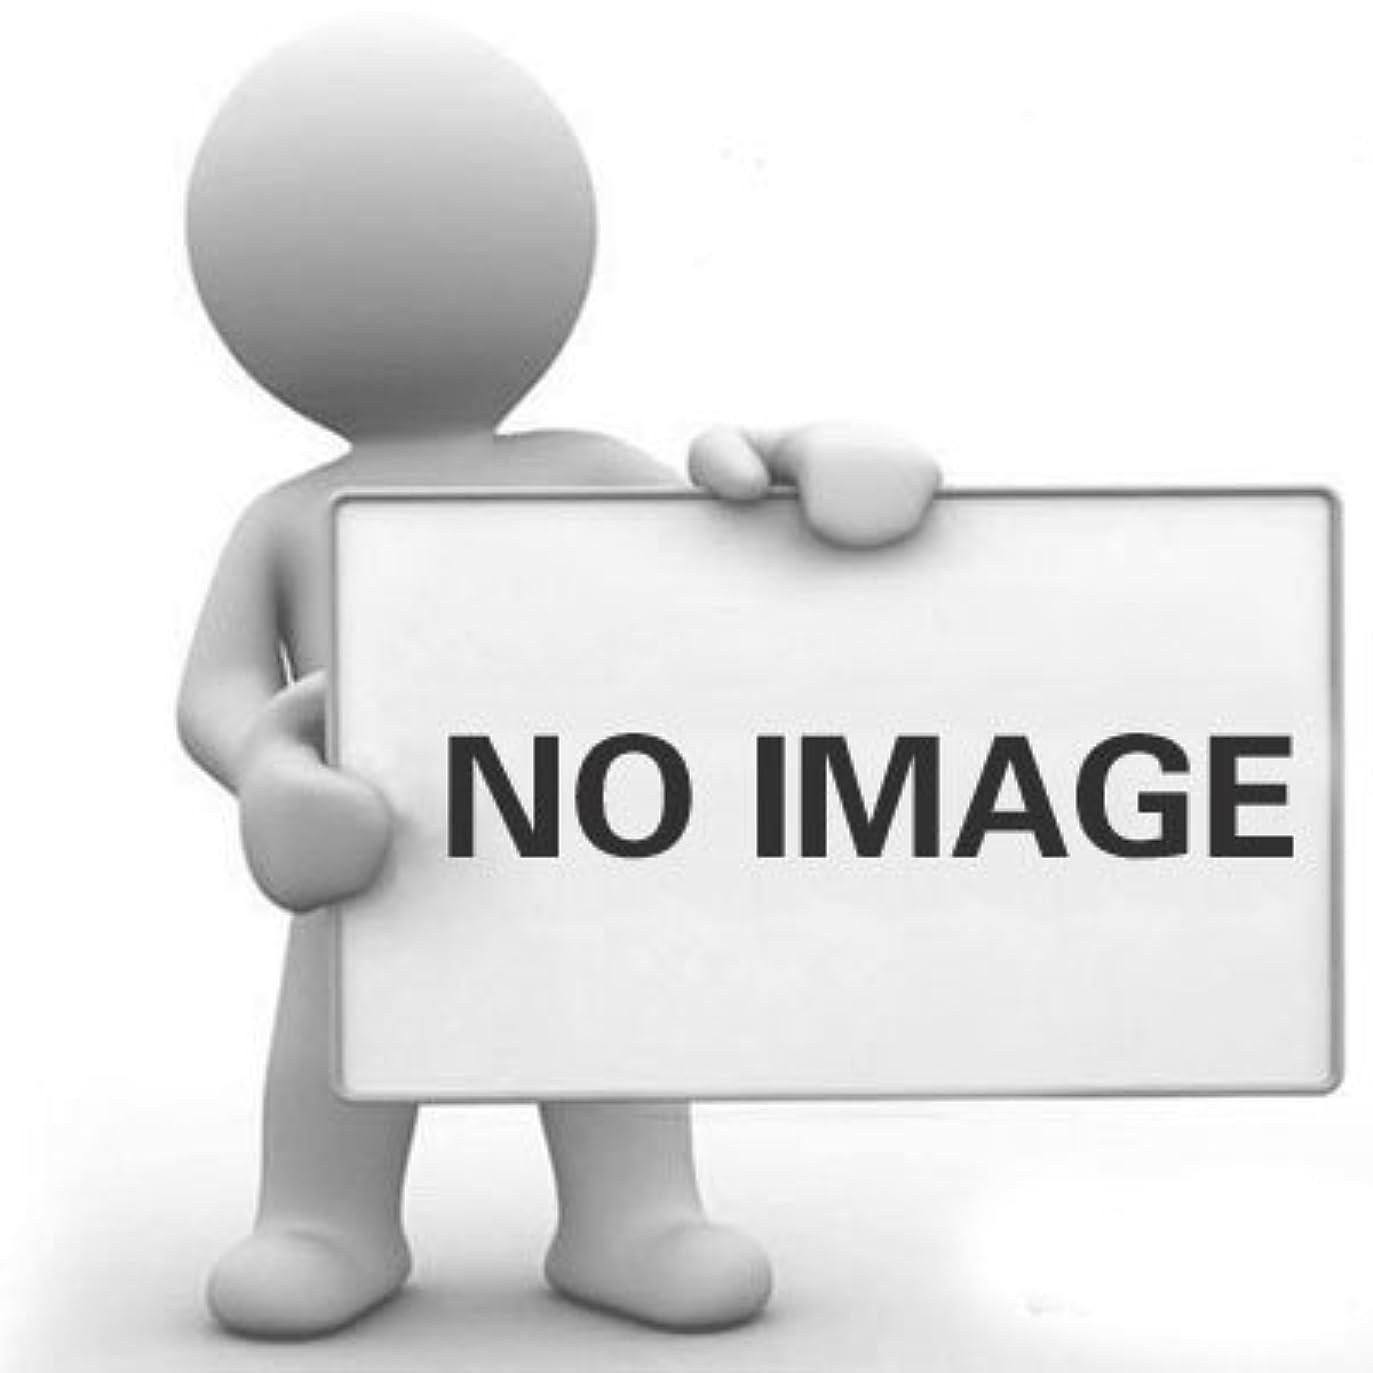 厳しいソブリケット実際にDYNWAVE ヘアカラーブラシサロンブラシ漂白色合いパーマ染料着色ブラシ(2パック)